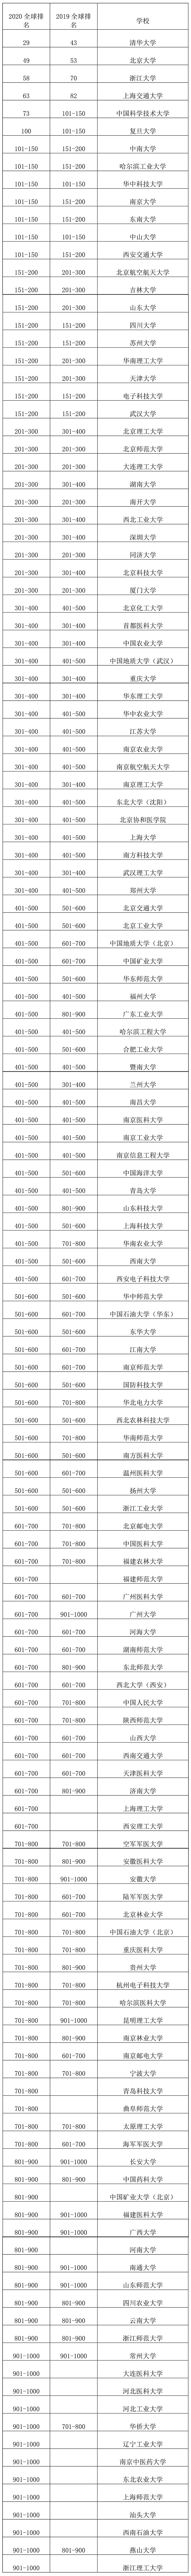 注:排名或排名区间相同的大学按英文校名字母顺序排列。